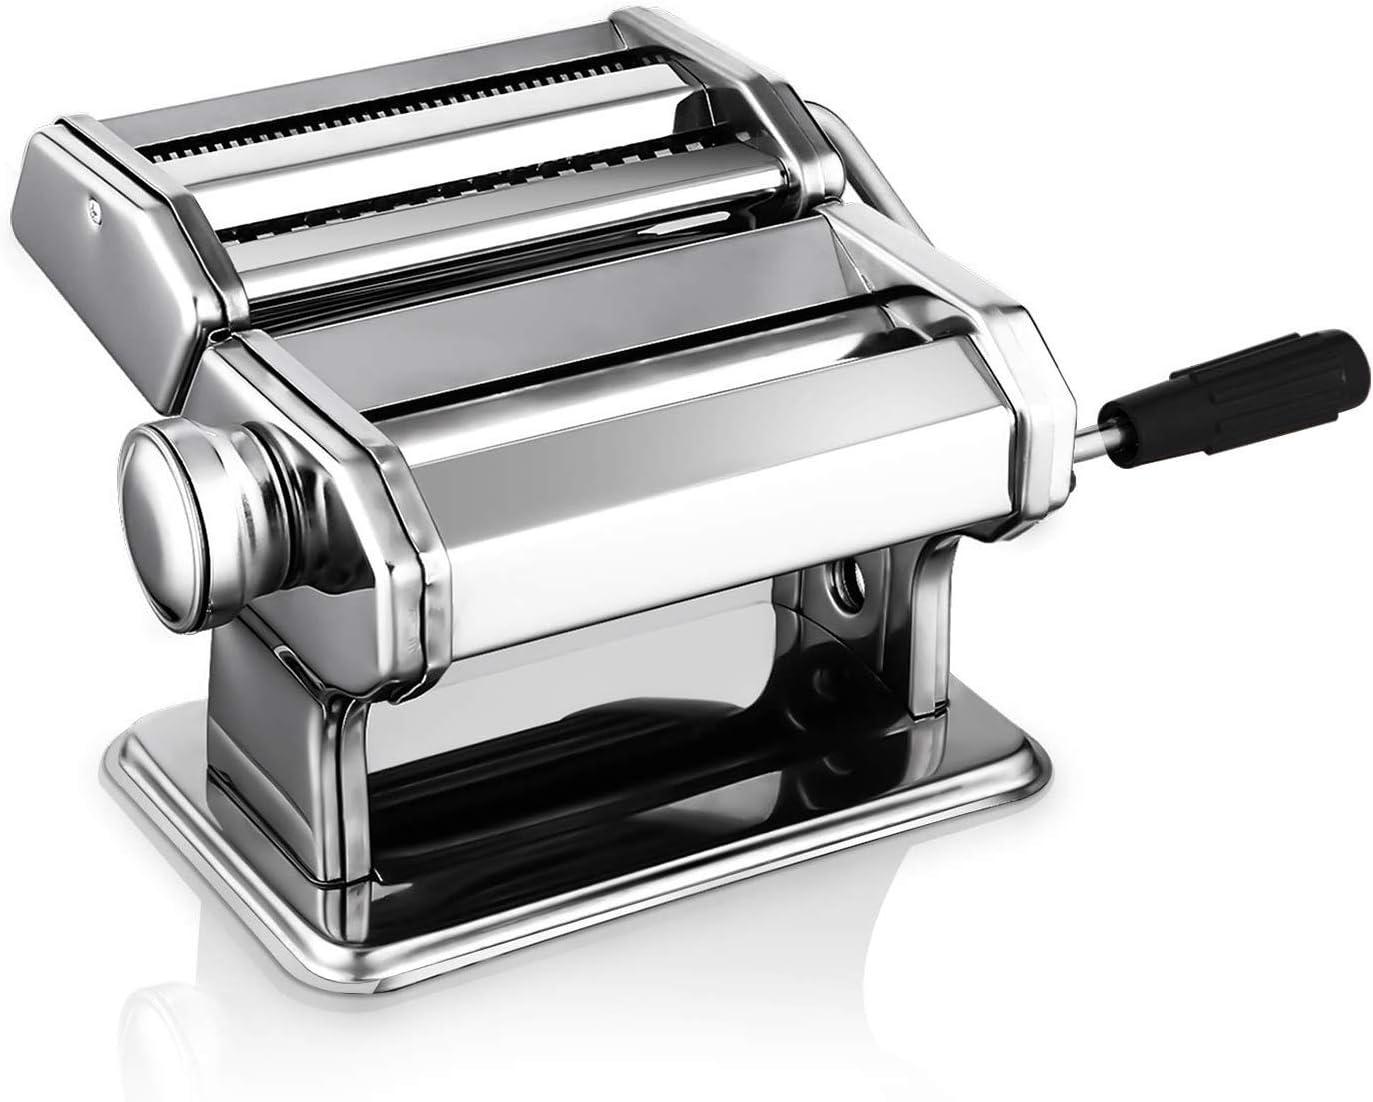 Sailnovo Máquina para Hacer Pasta Fresca Máquina de Cortar Pasta Acero Inoxidable Máquina de Cocina en Casa Máquina para Hacer Fideos Frescos Tallarines Lasañas Espa